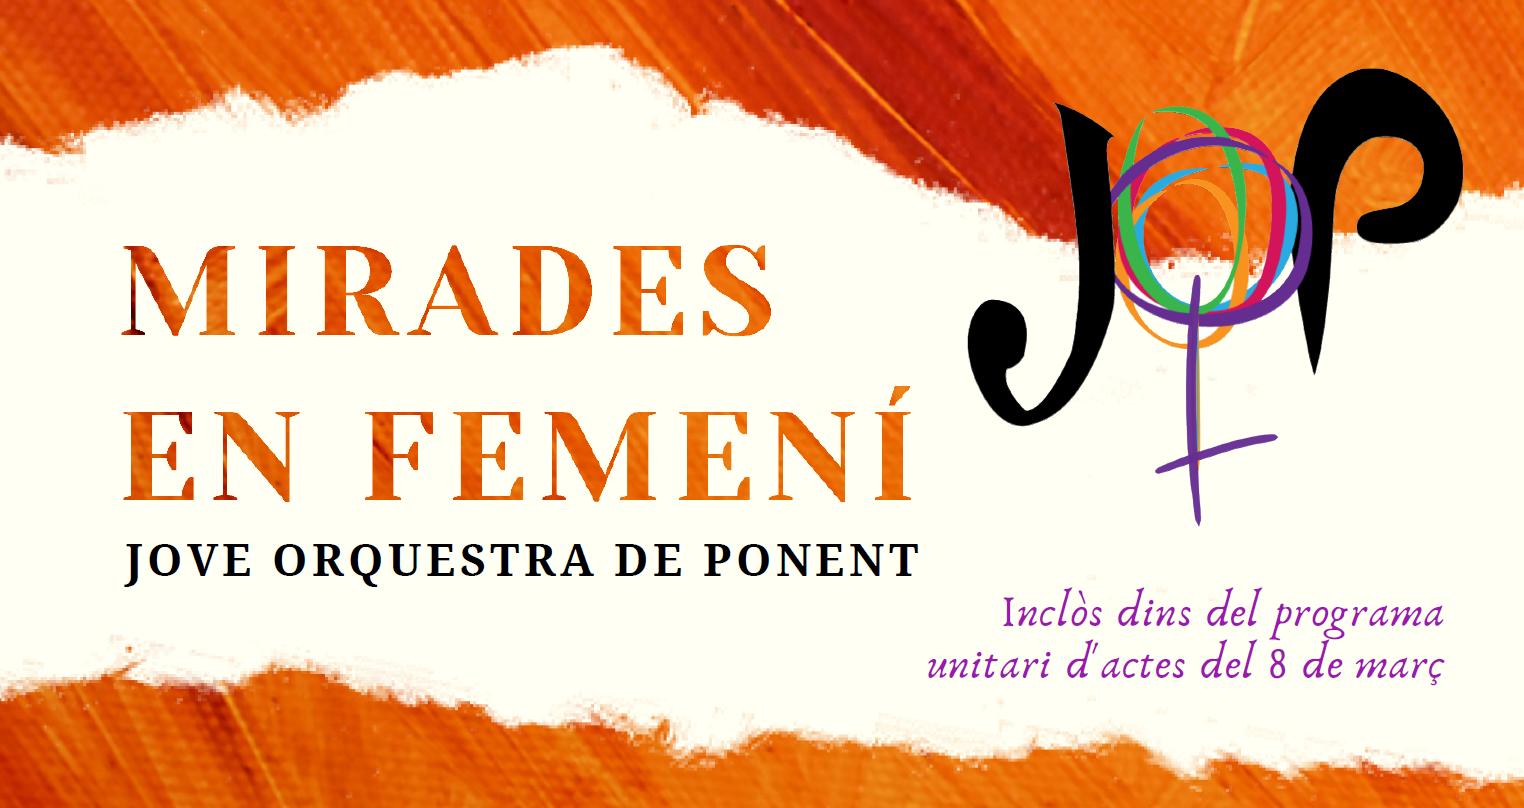 MIRADAS EN FEMENINO. JOVE ORQUESTRA DE PONENT